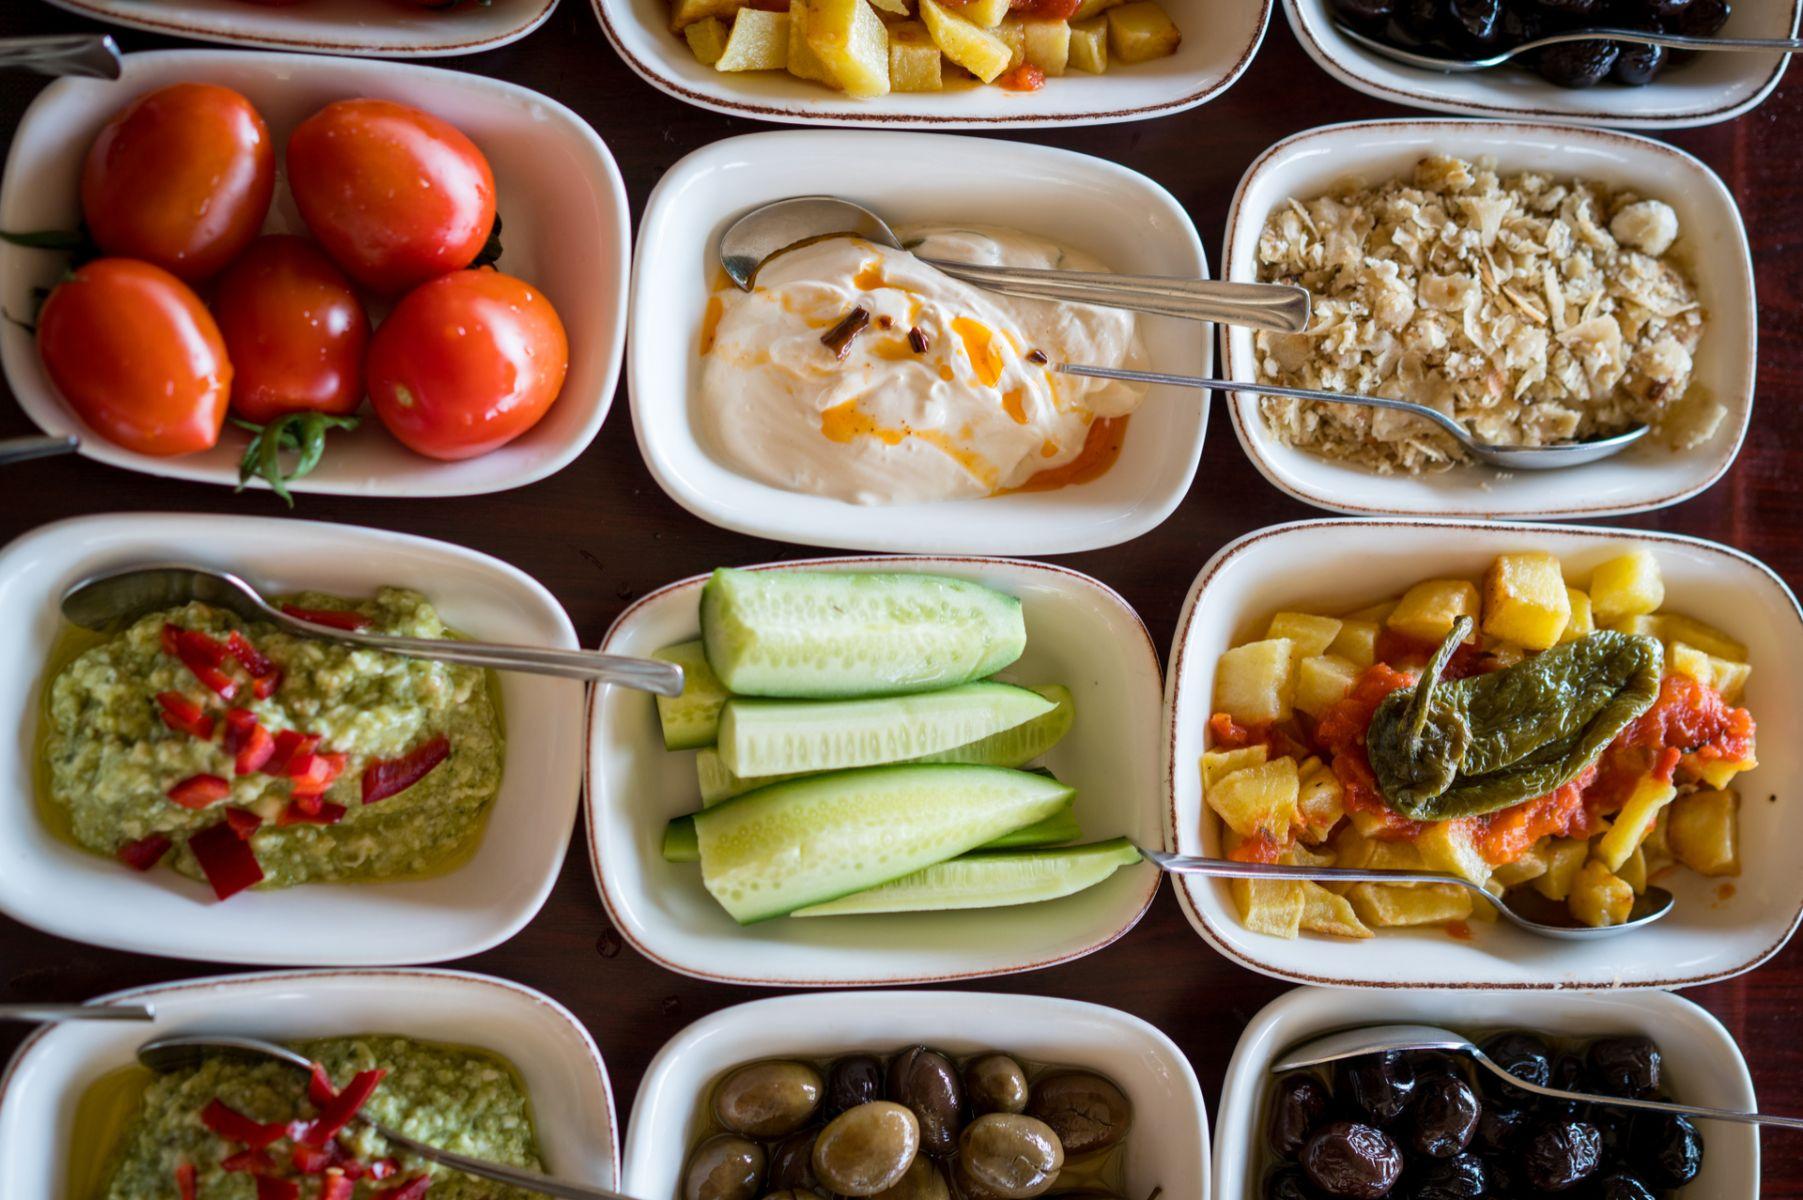 減肥就是要「少量多餐」?錯!你有可能越減越肥